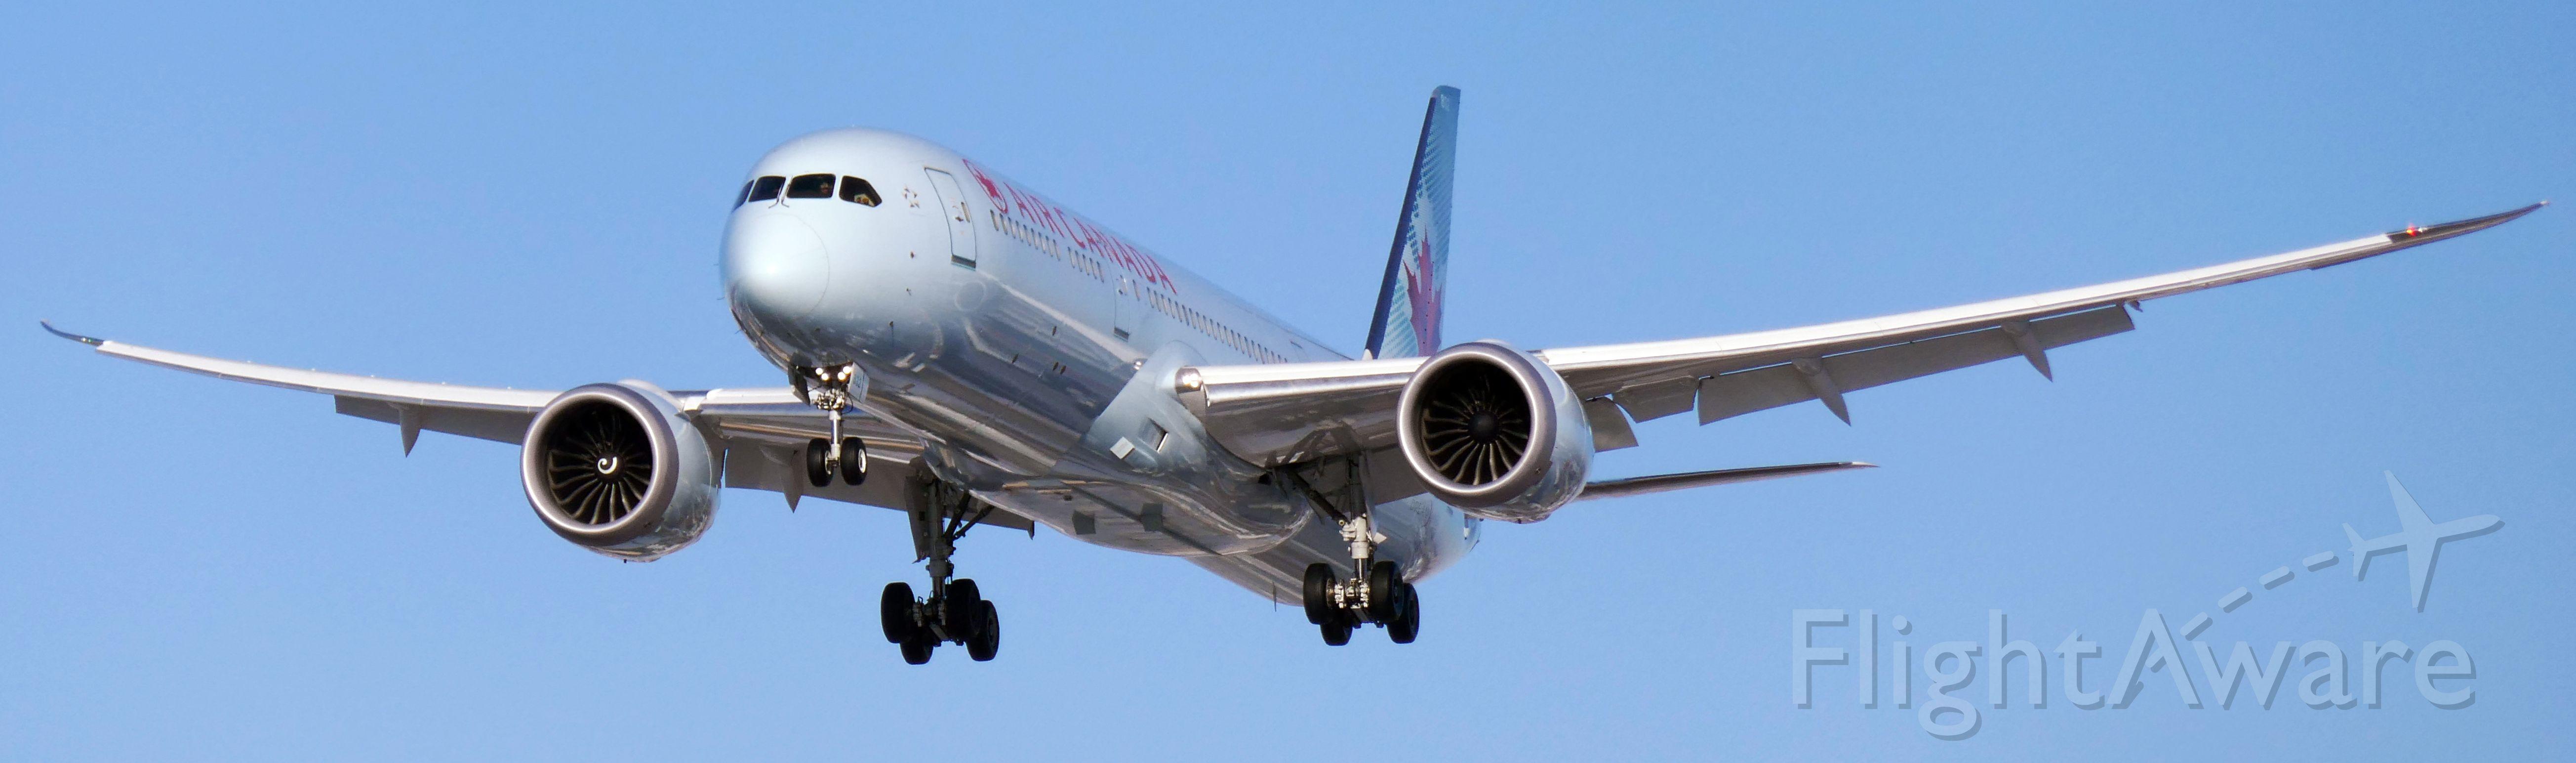 Boeing 787-9 Dreamliner (C-FNOG)